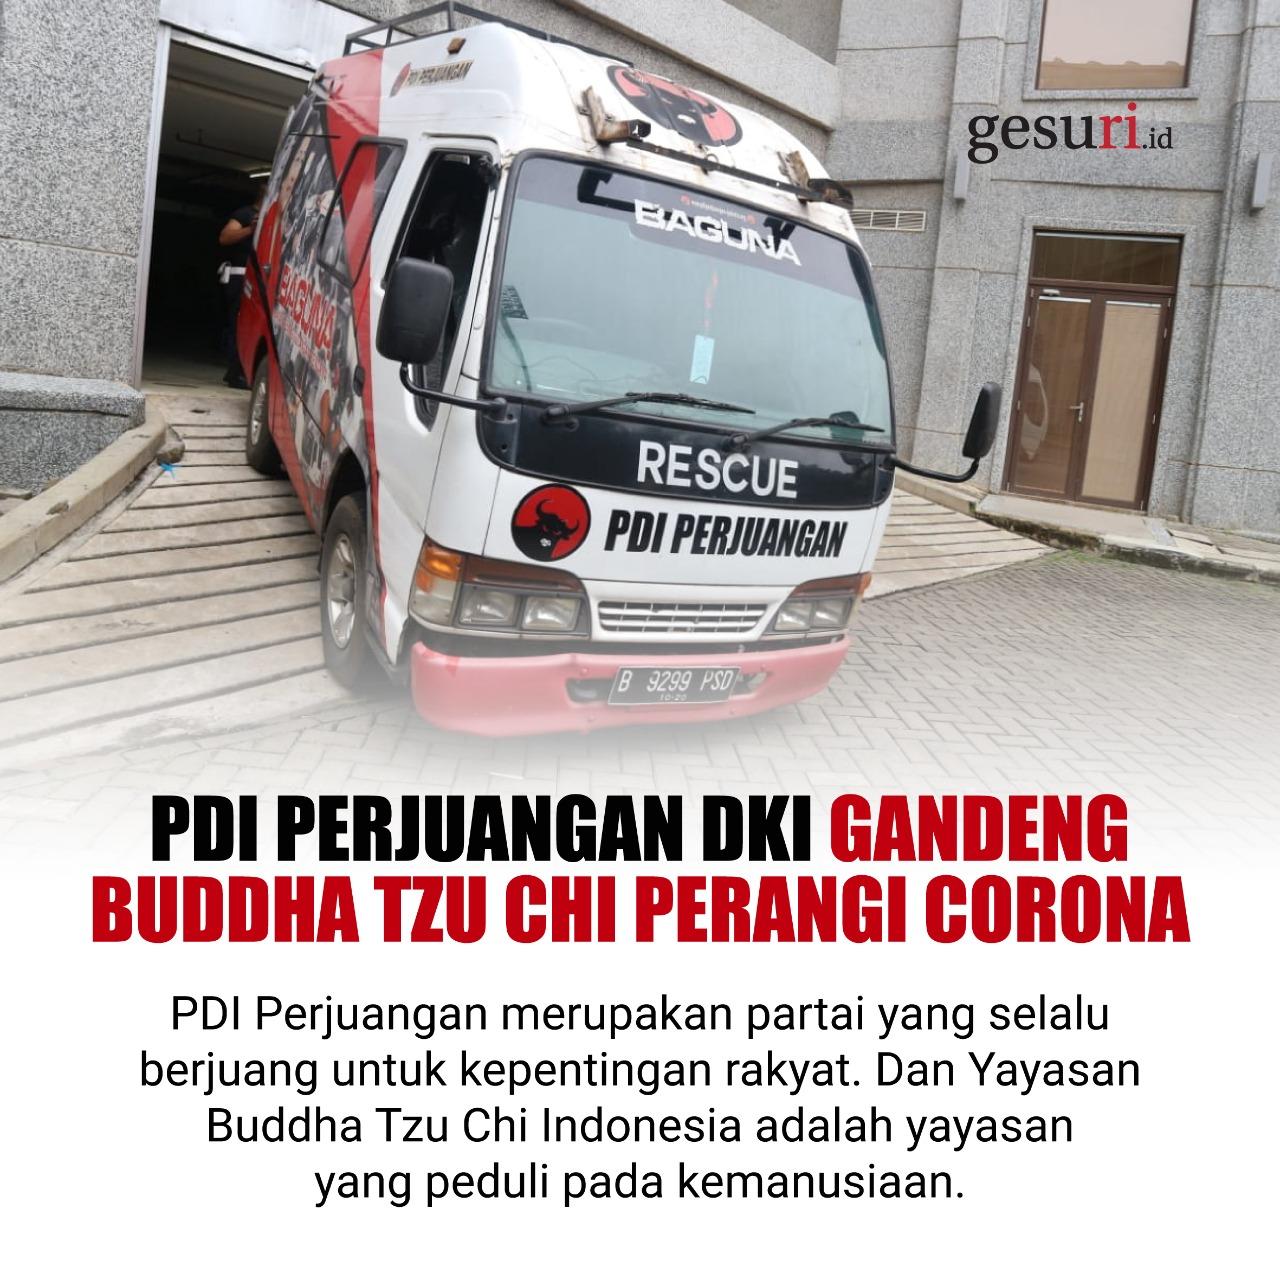 PDI Perjuangan Gandeng Buddha Tzu Chi Perangi Corona